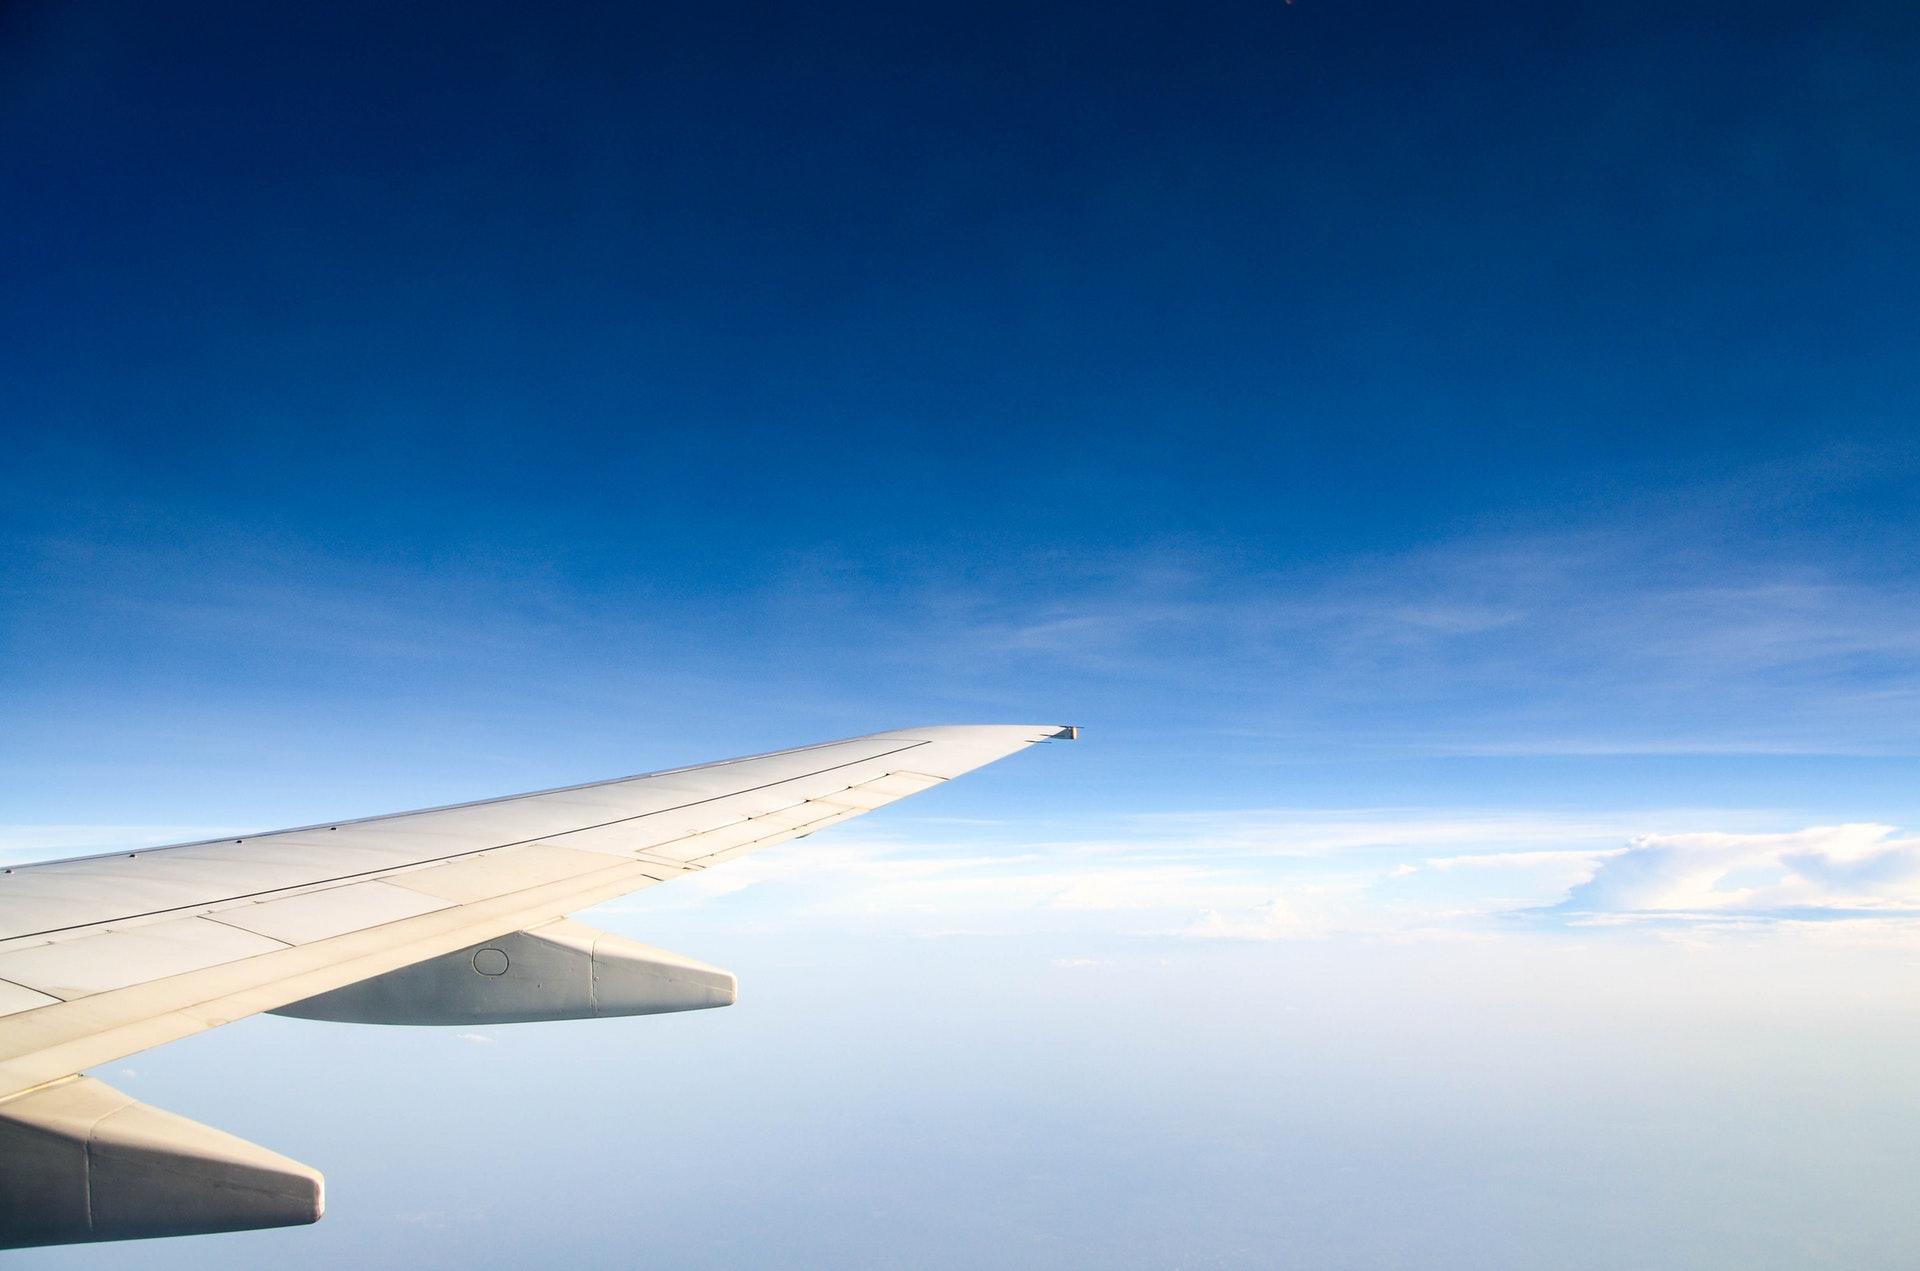 aerial-aeroplane-air-1056528 (1)